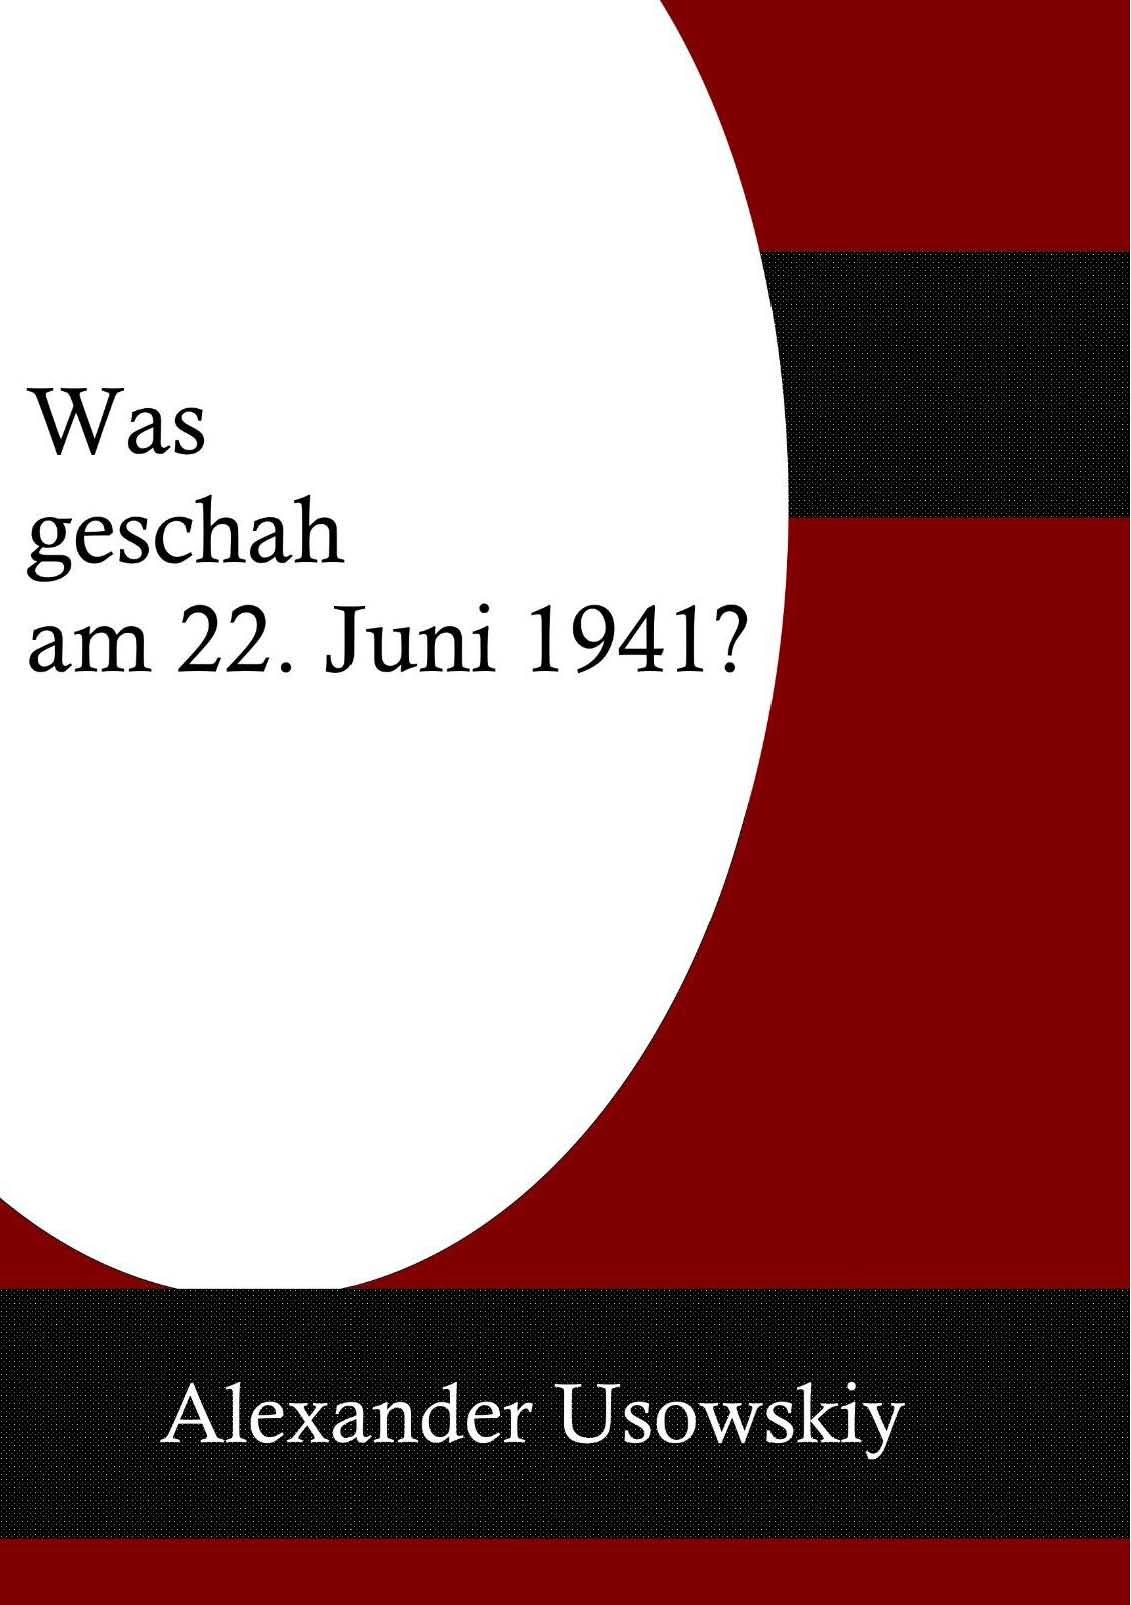 Was geschah am 22 Juni 1941?